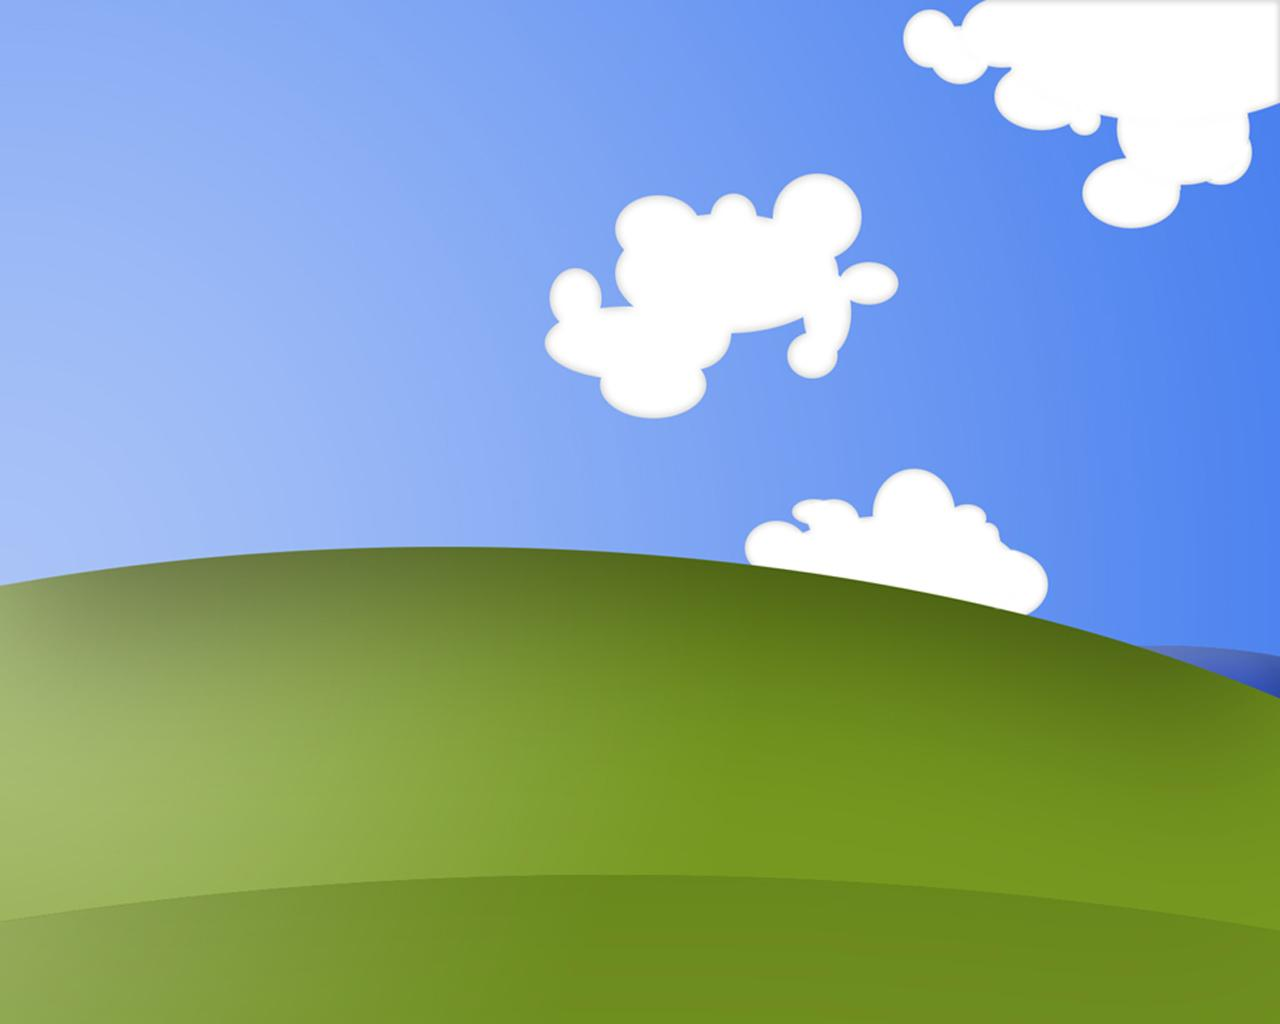 windows windows xp clouds drawn simple wallpaper HQ WALLPAPER 1280x1024